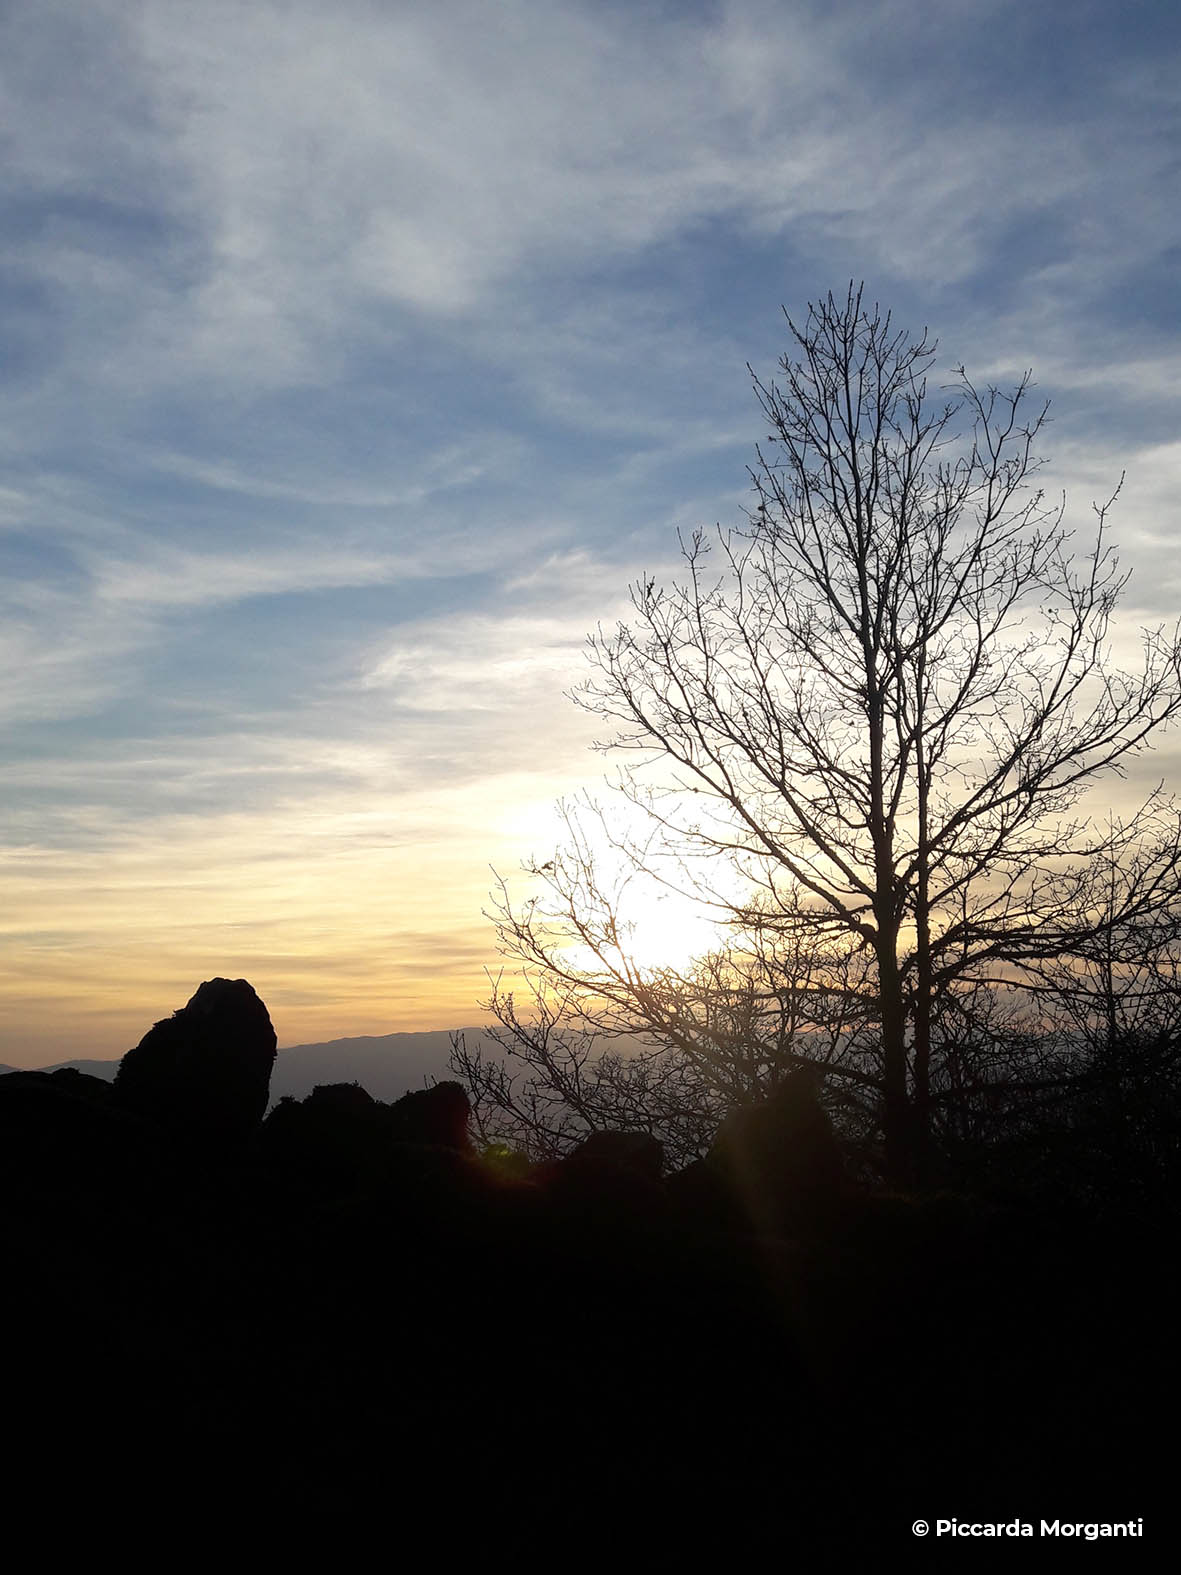 Sentieri naturalistici - Progettoidea chiusi della verna (©piccarda morganti)5